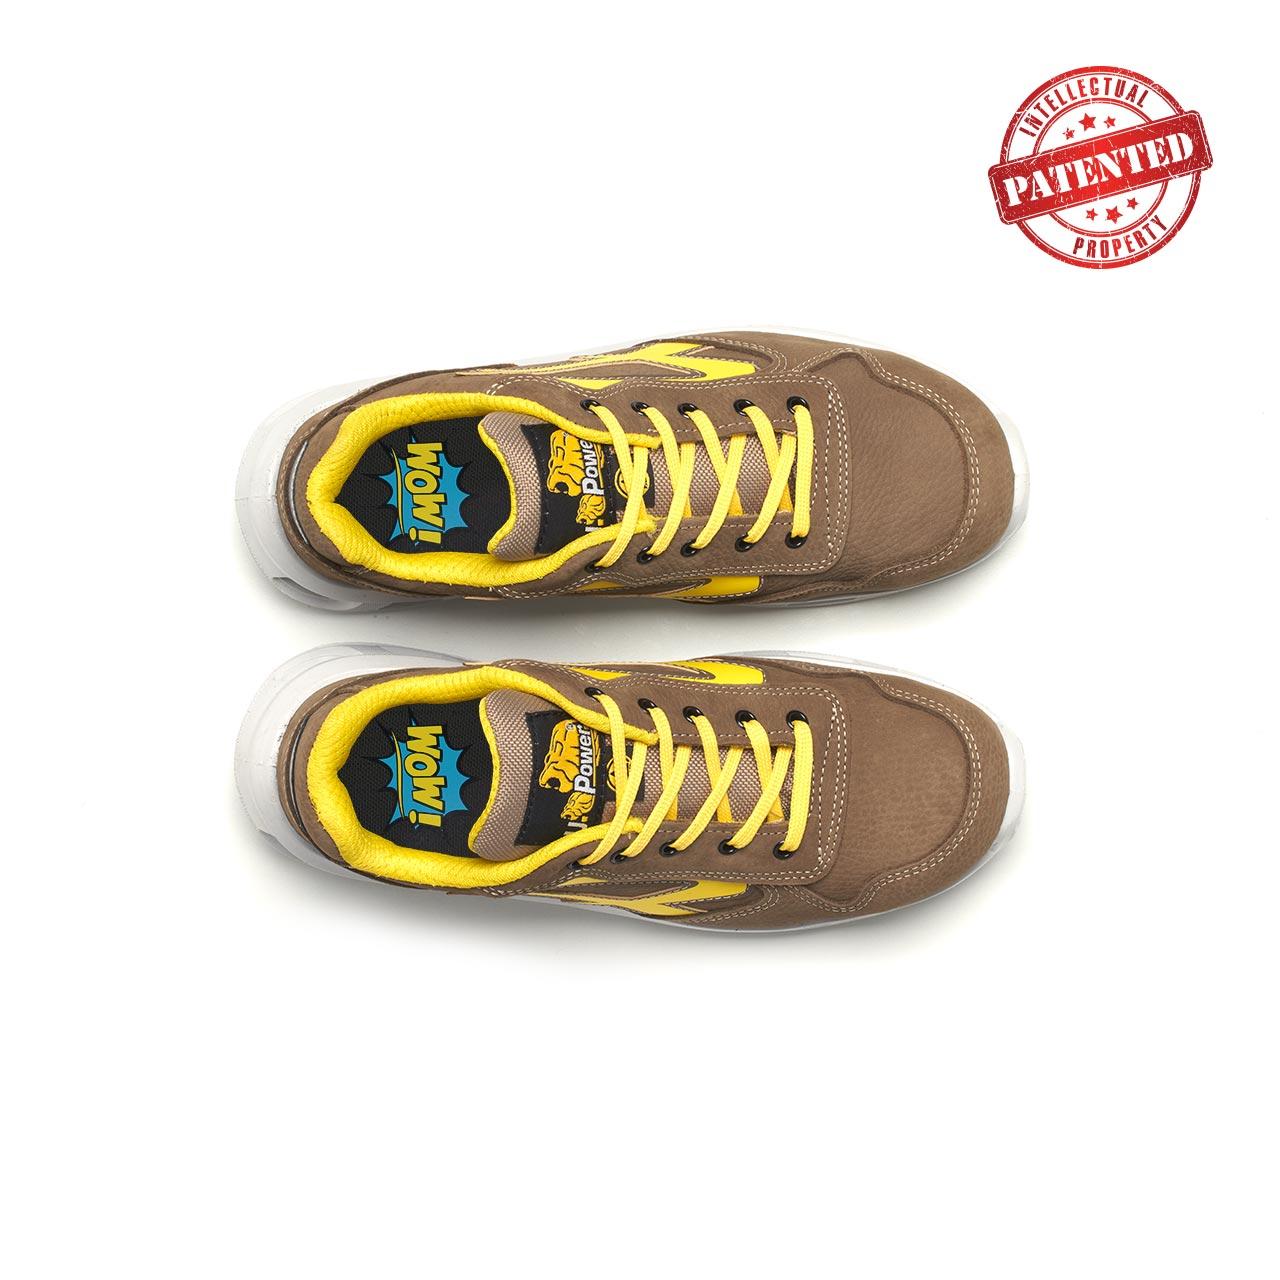 paio di scarpe antinfortunistiche upower modello brave linea redlion vista top